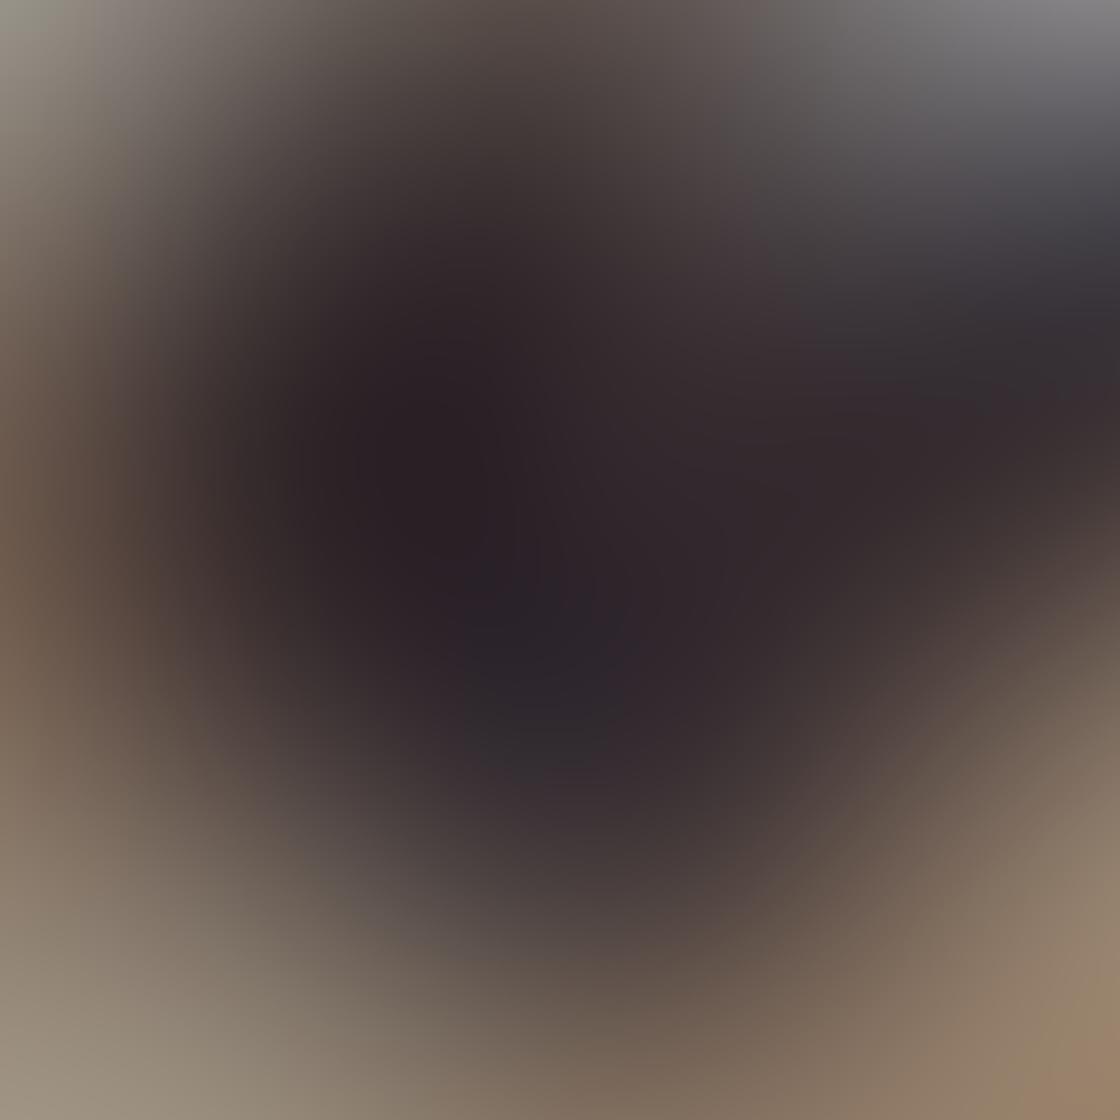 iPhone Photos Texture 68